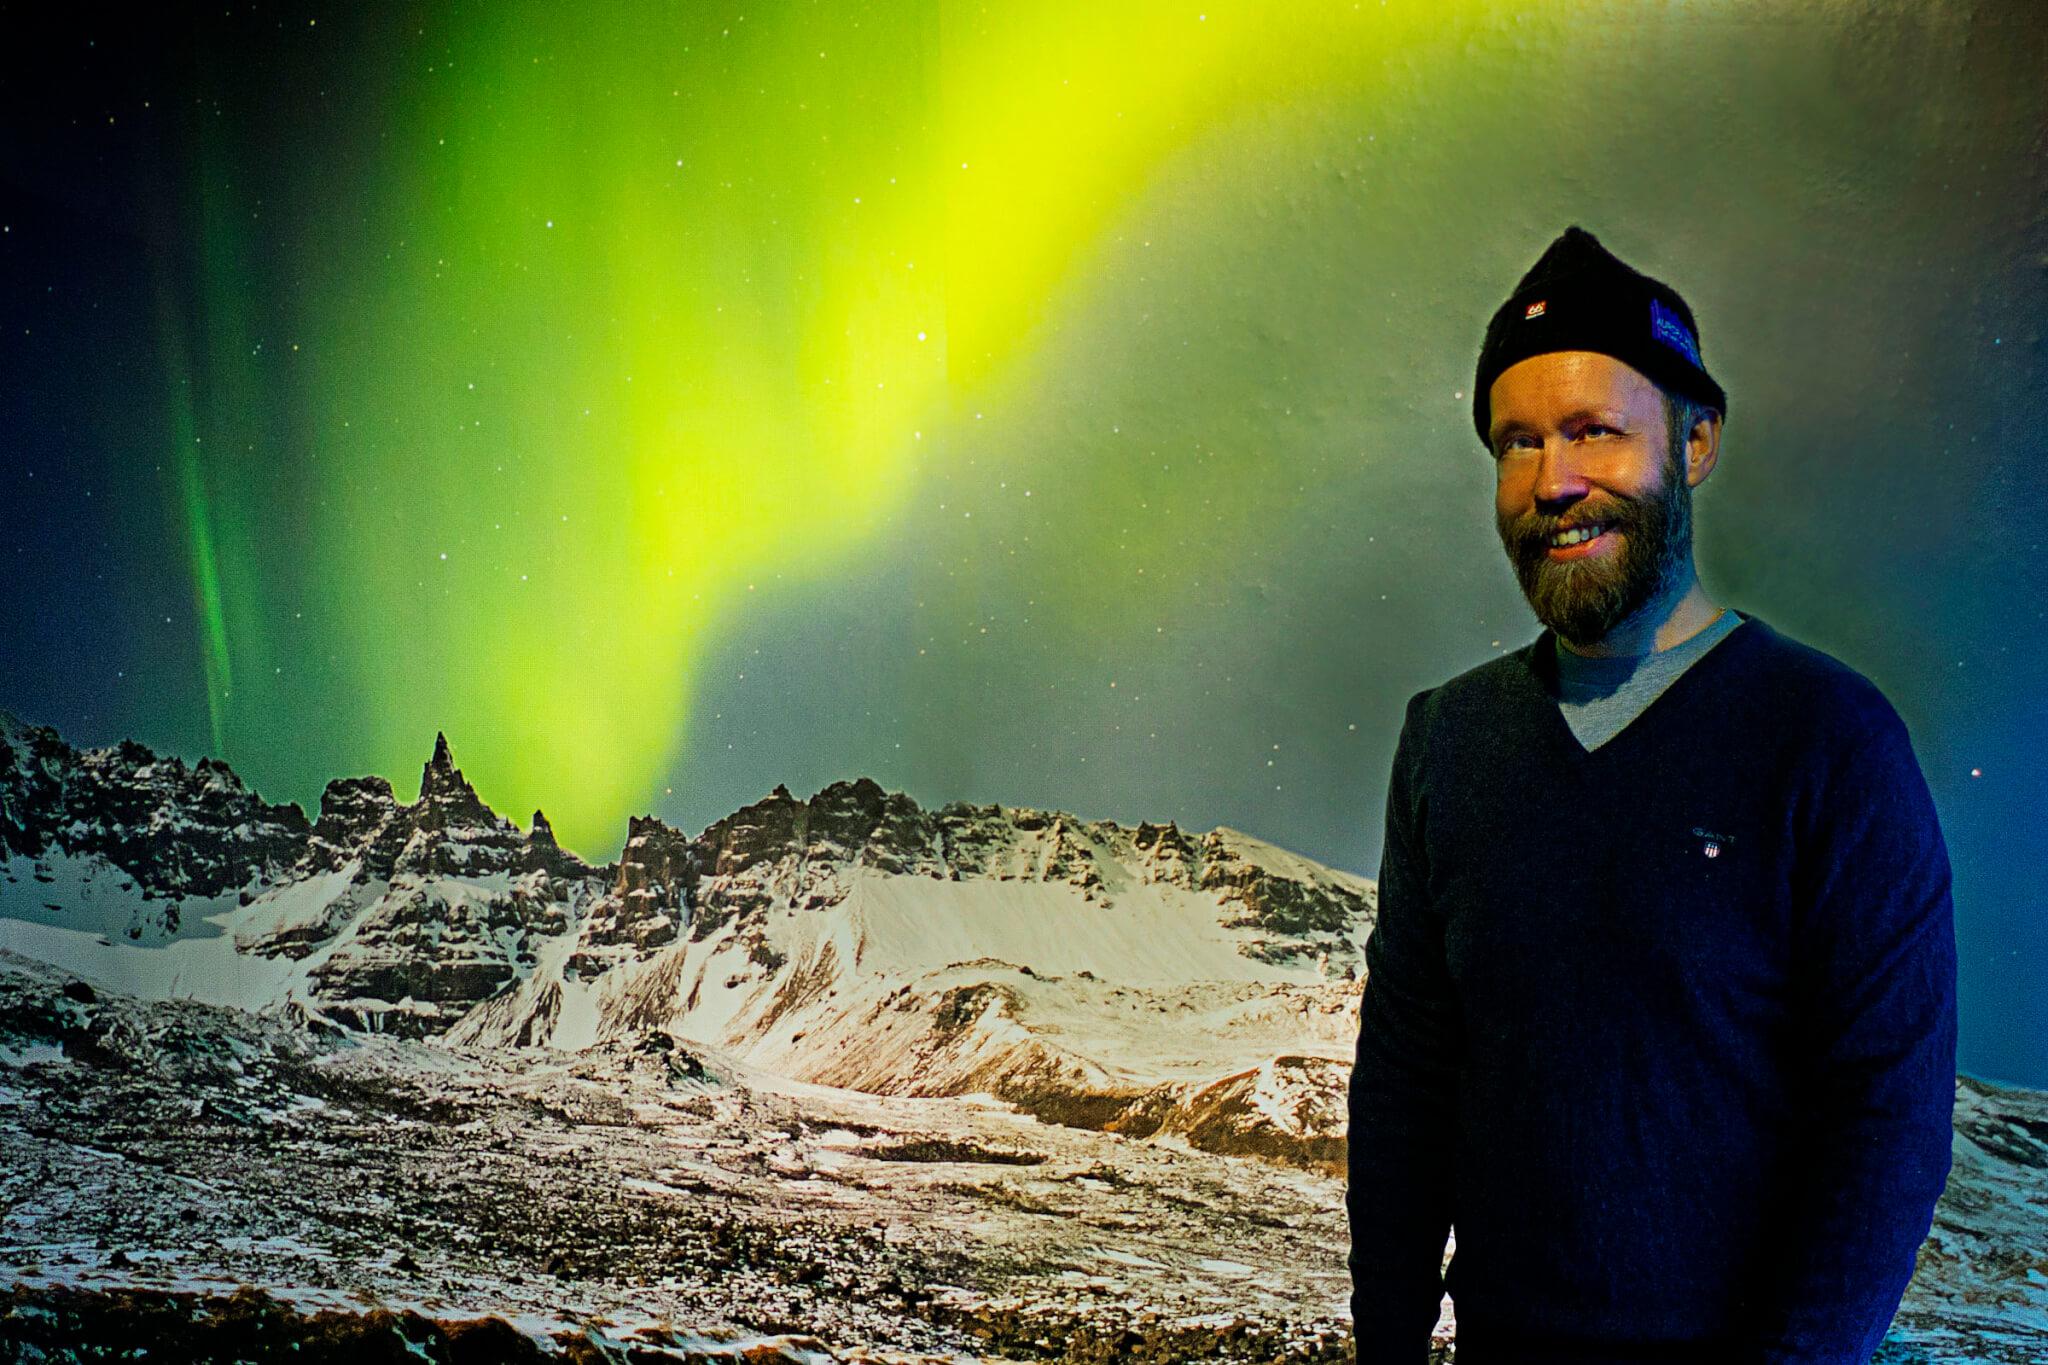 Grétar Aurora Reykjavik Northern Lights Center